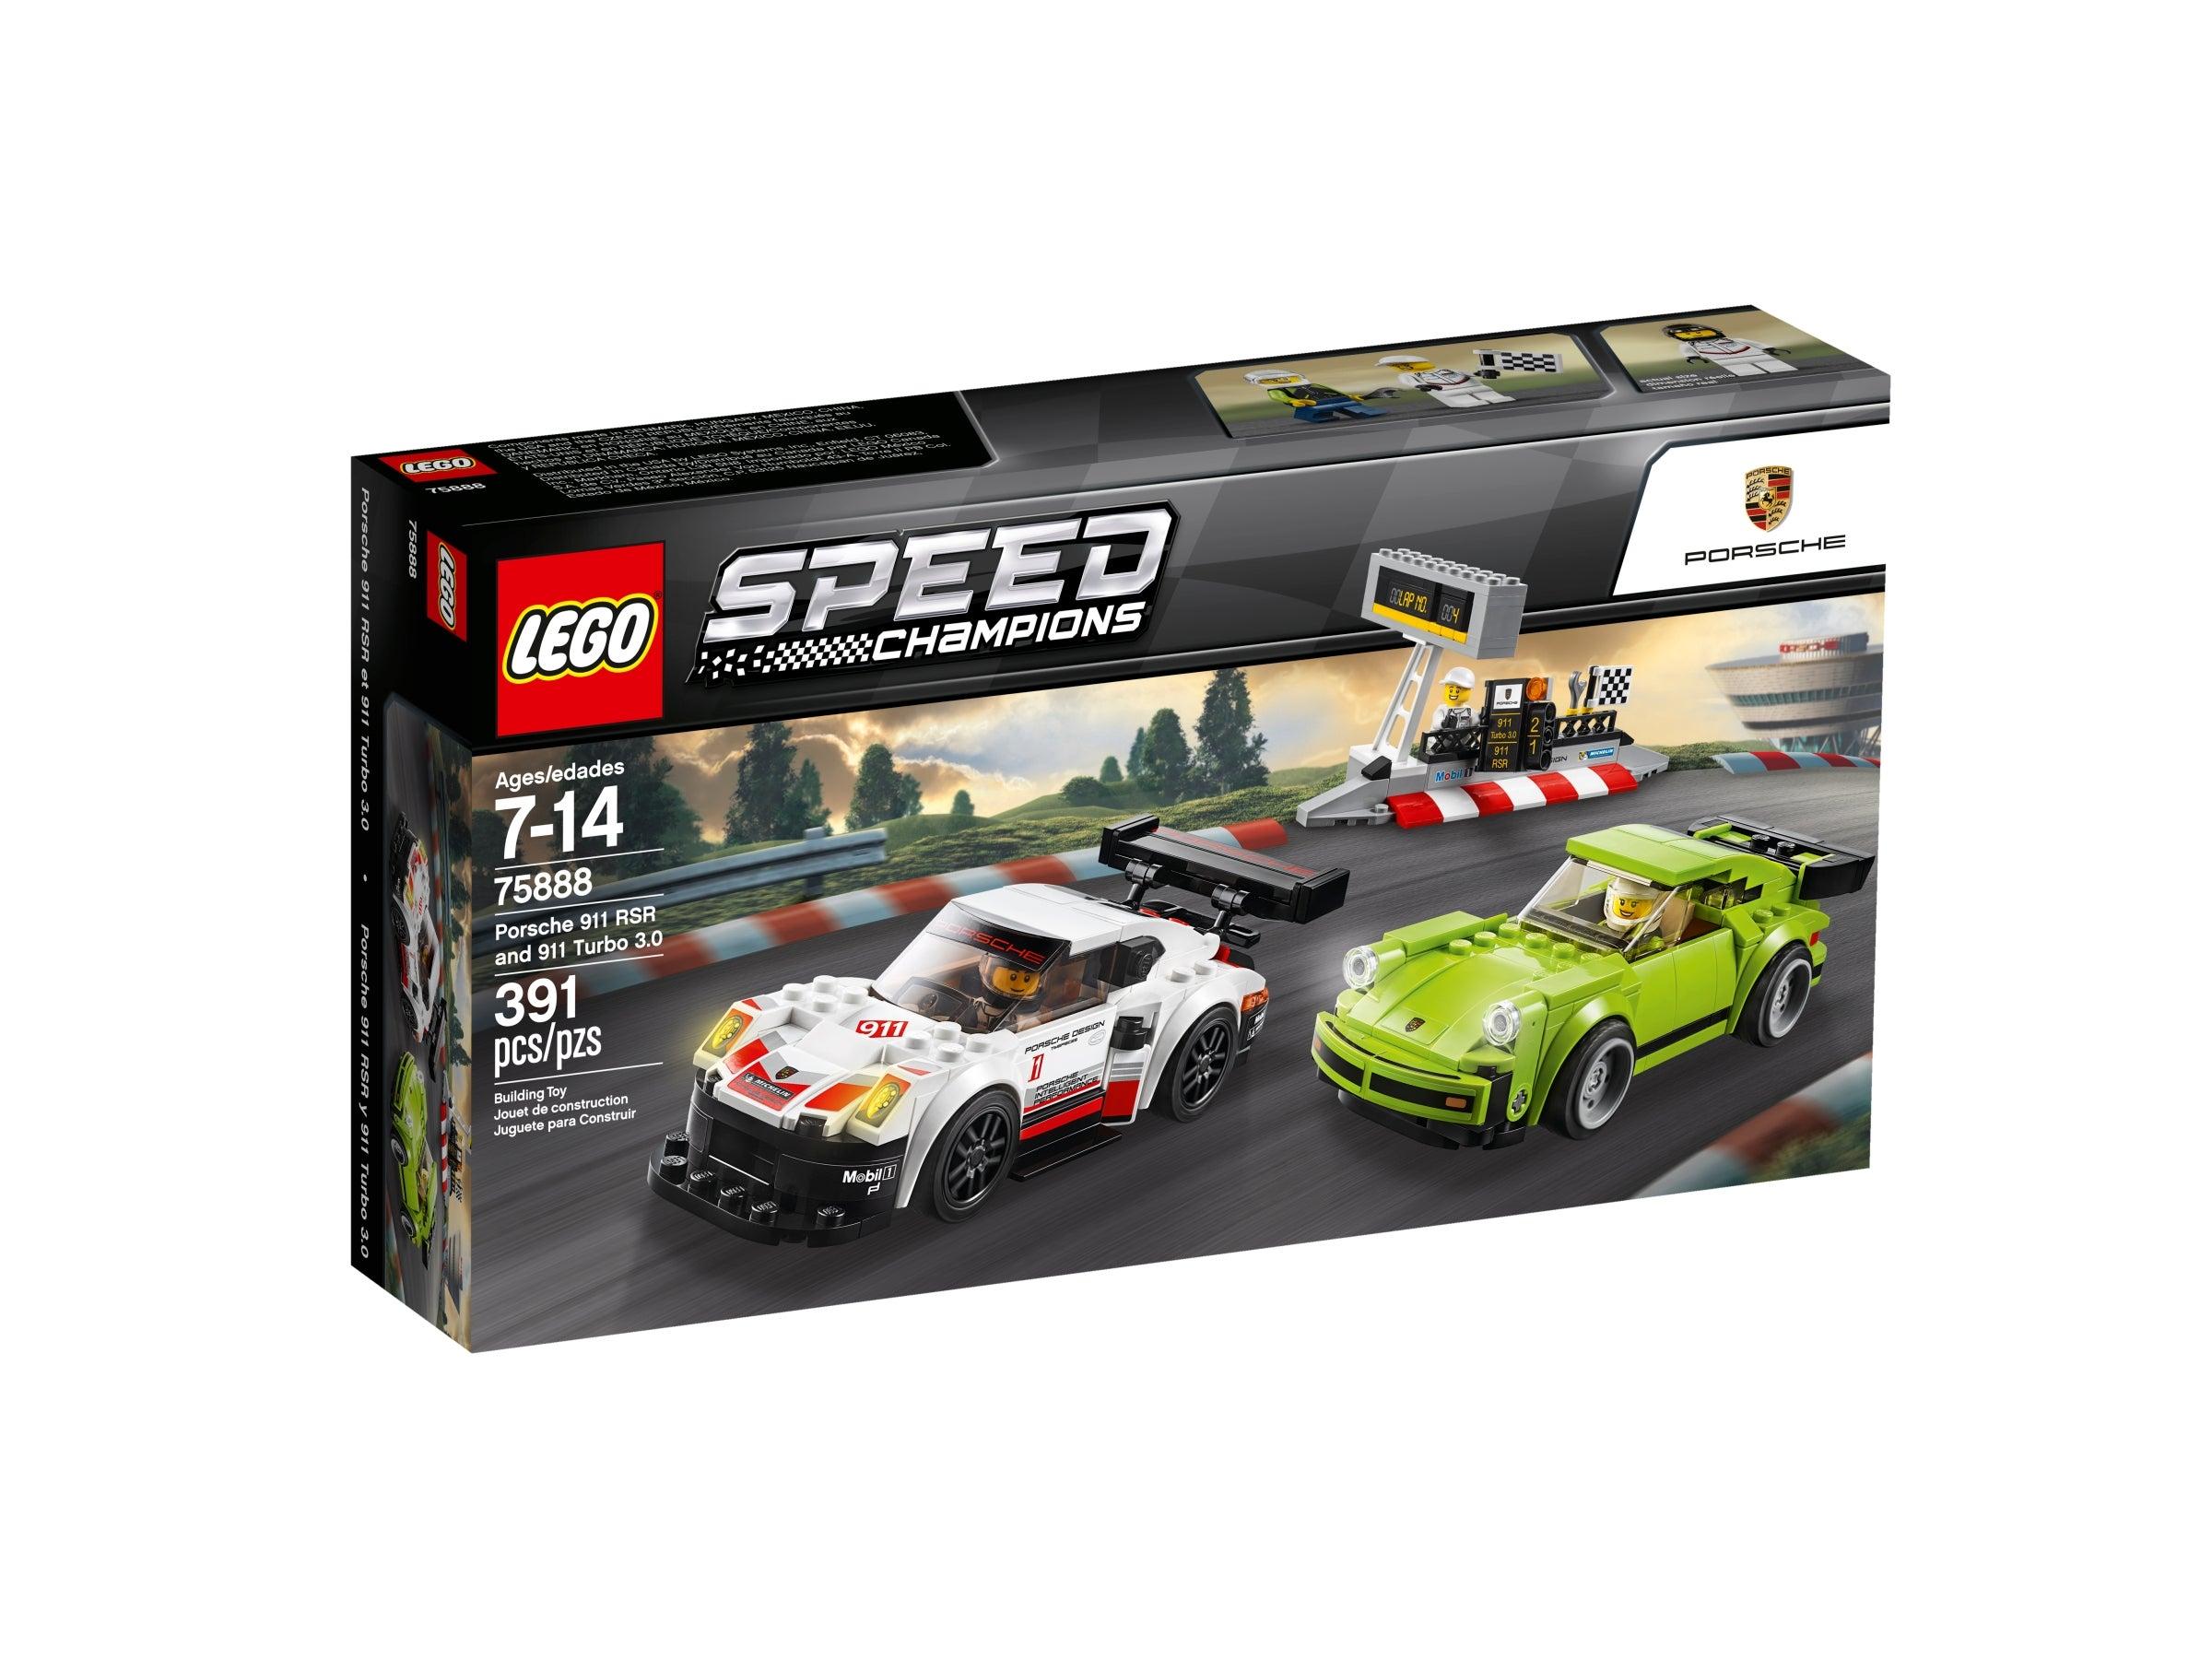 Porsche 911 RSR und 911 Turbo 3.0 75888 LEGO Speed Champions NEU /& OVP